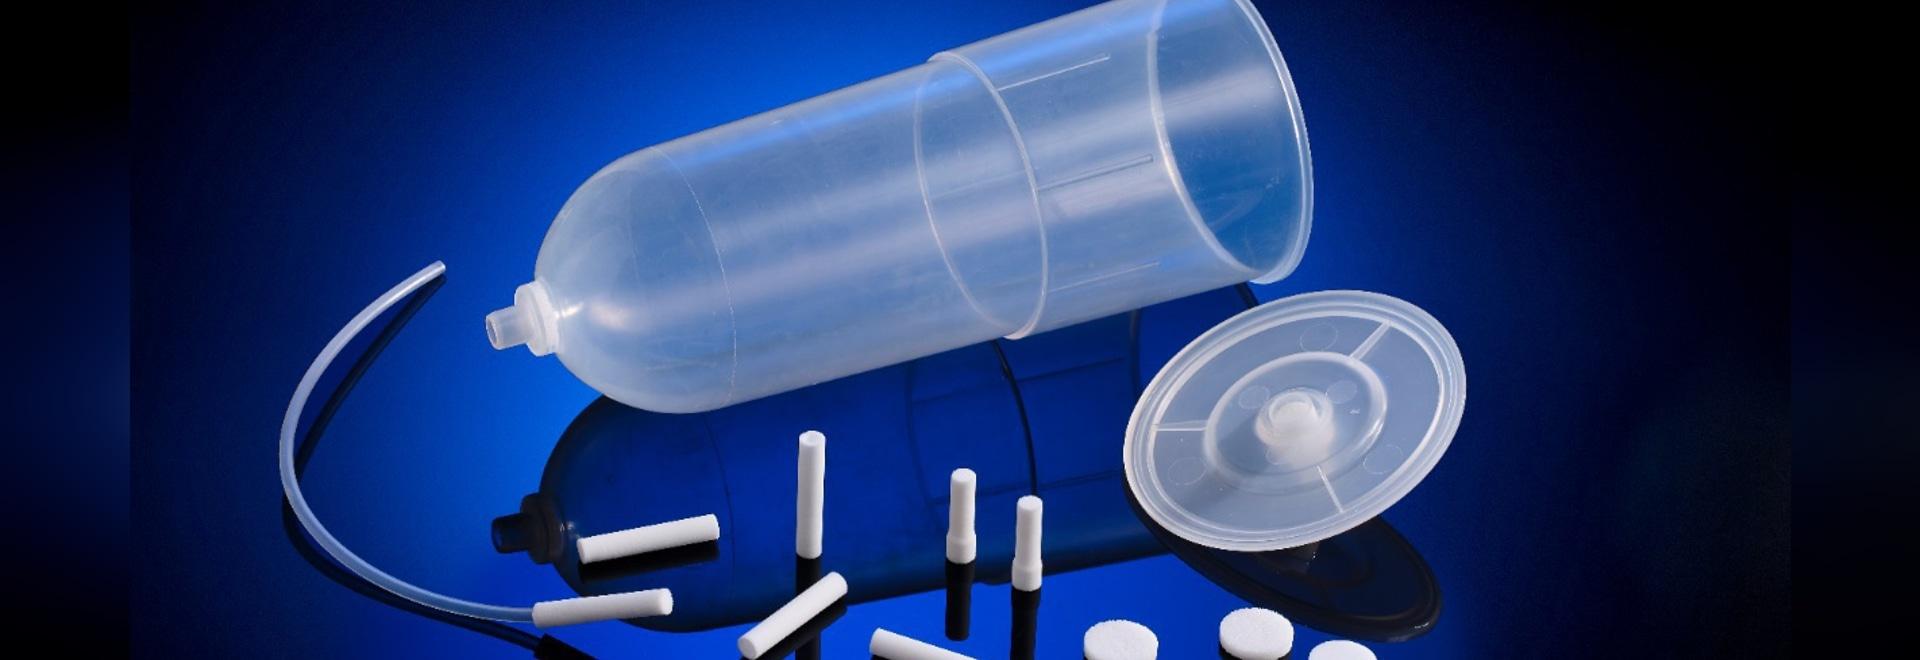 La nueva generación de plástico poroso para aplicaciones en el cuidado de la salud